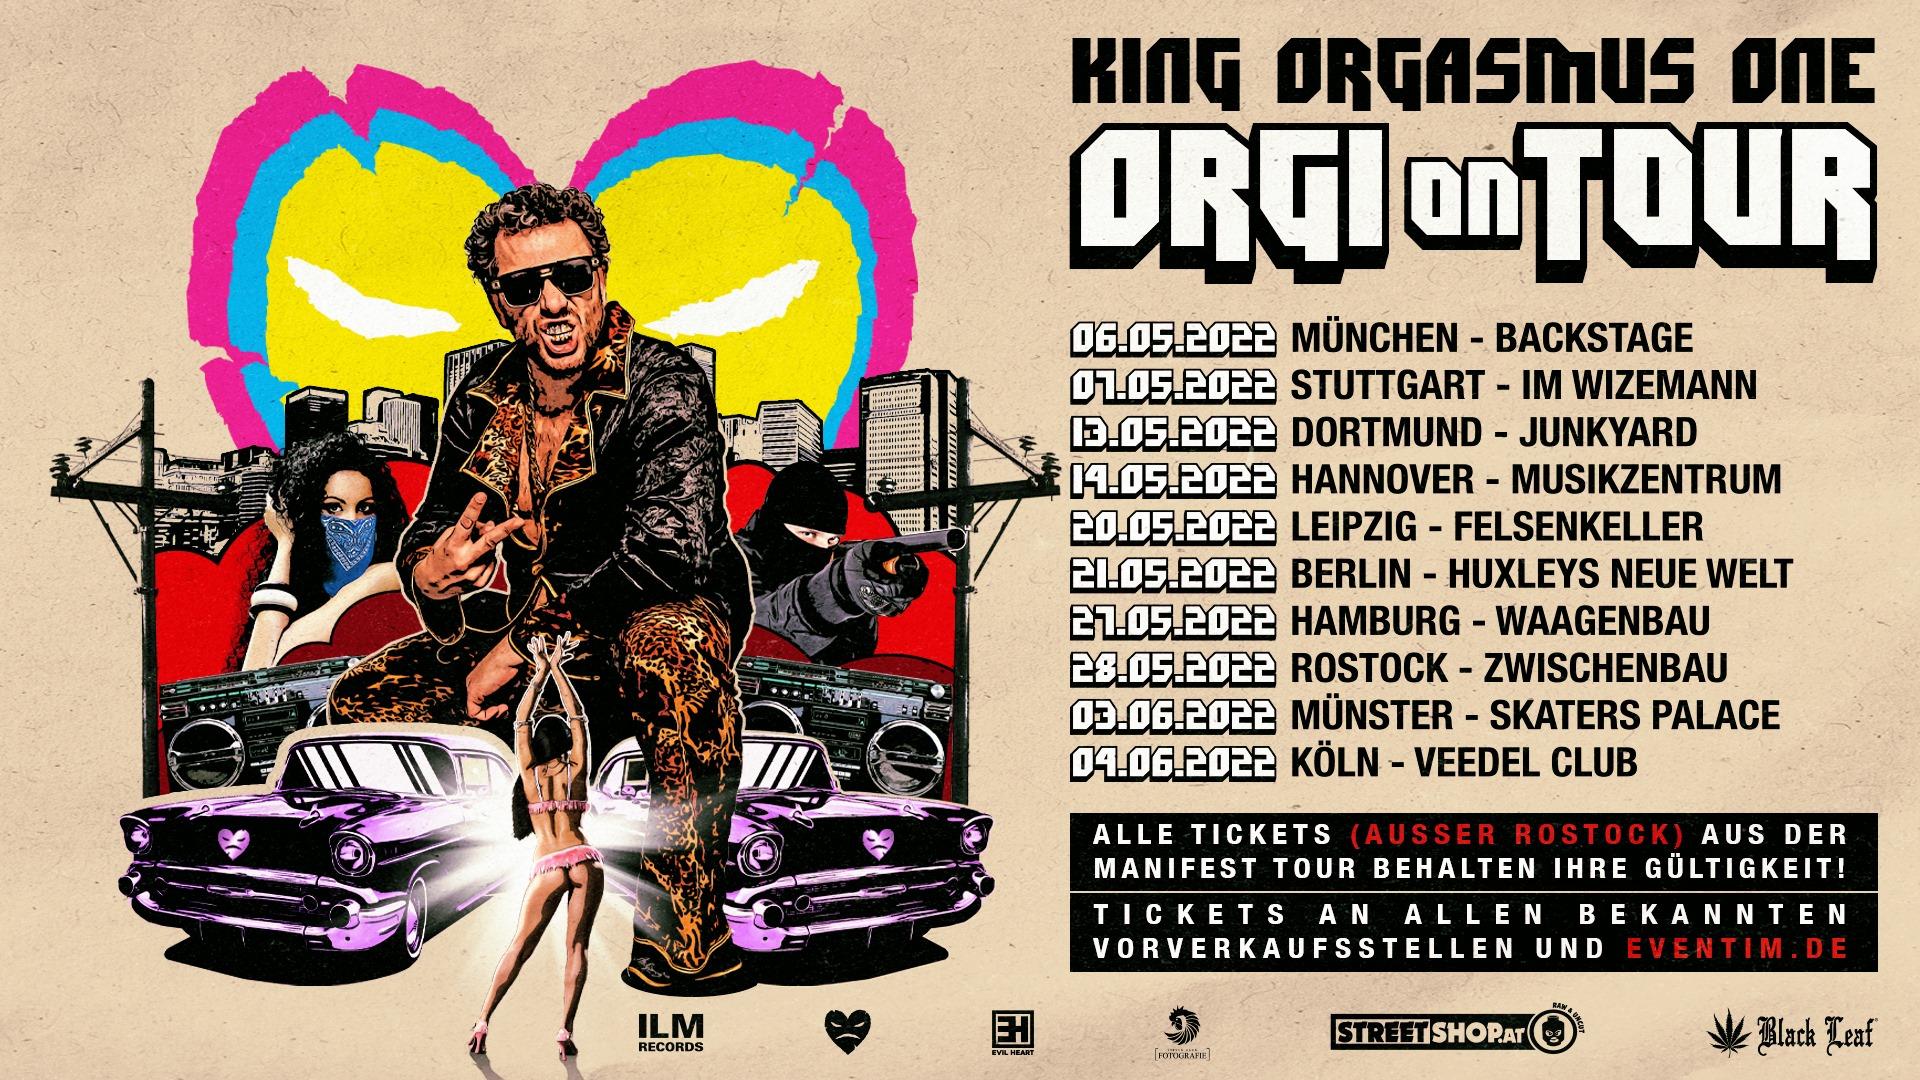 Orgi on Tour